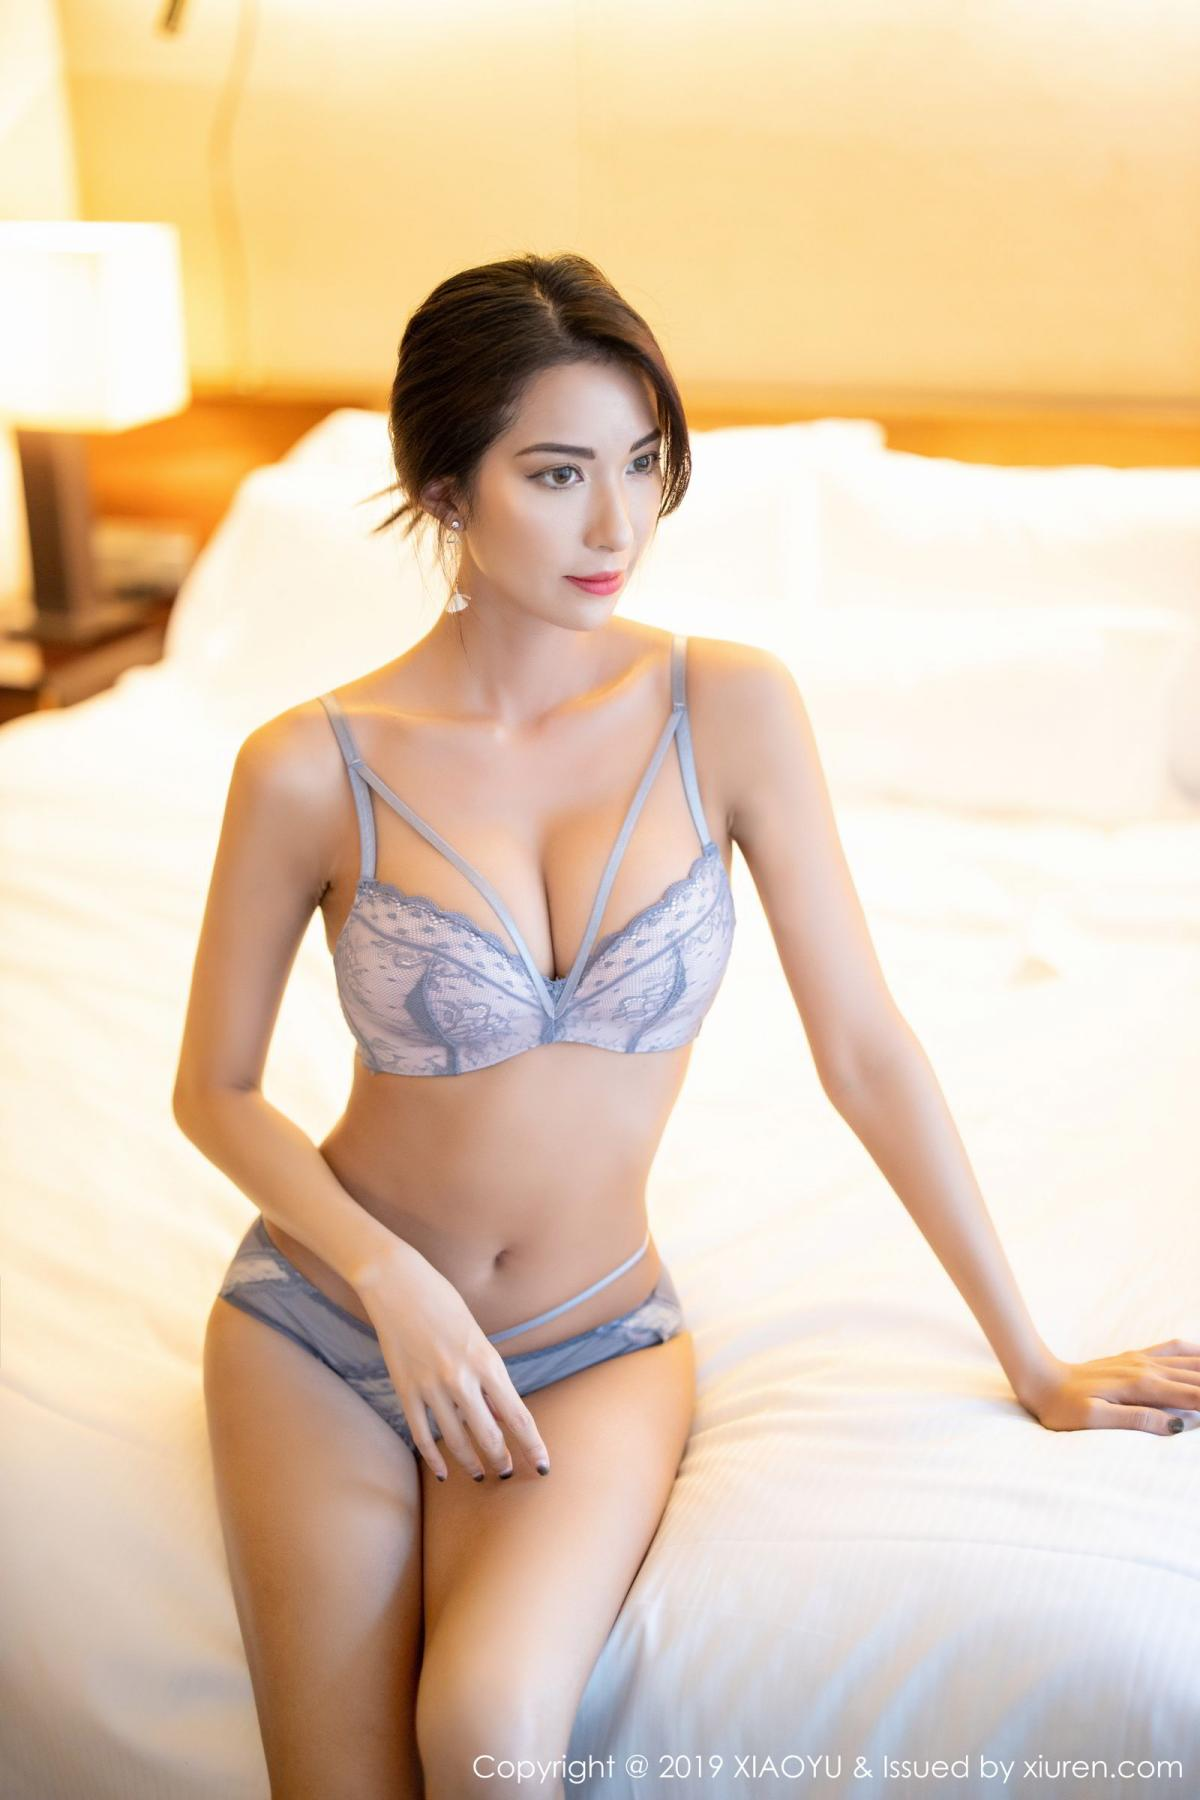 [XiaoYu] Vol.196 Chen Liang Ling 66P, Chen Liang Ling, Cheongsam, Temperament, Underwear, XiaoYu